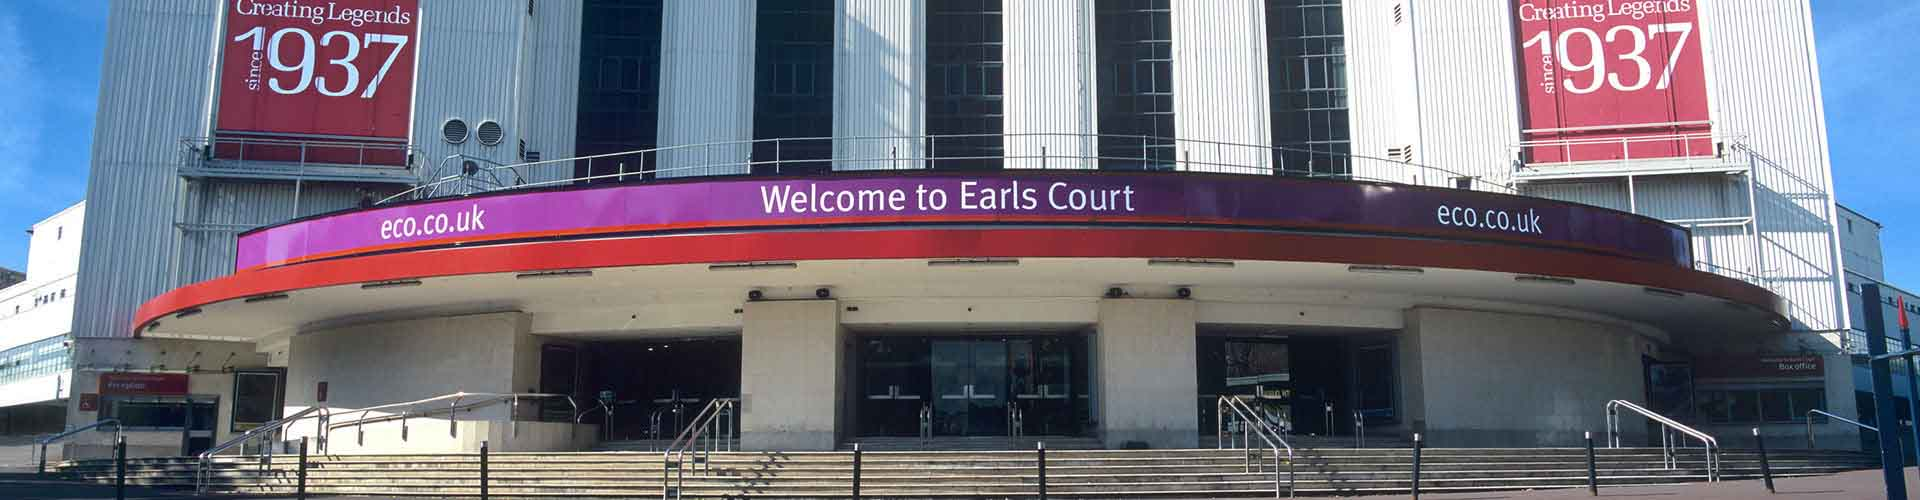 Lontoo – Huoneet kaupungiosassa Earls Court. Lontoo -karttoja, valokuvia ja arvosteluja kaikista Lontoo -huoneista.